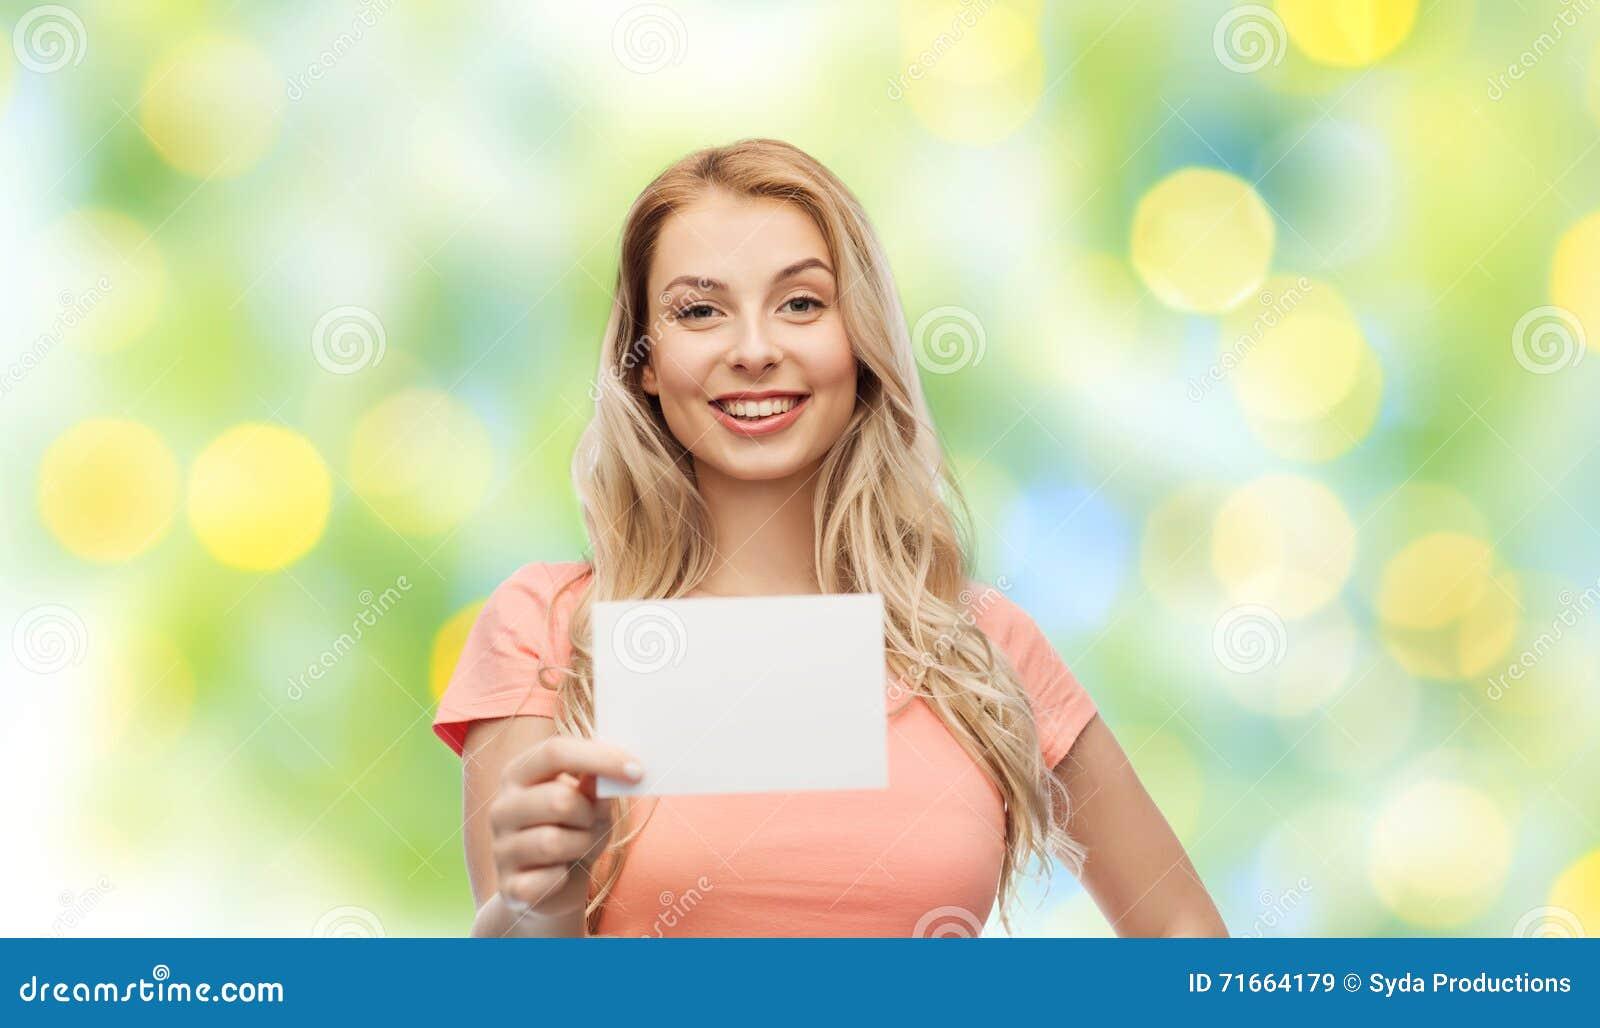 Femme Ou Fille Heureuse D Ado Avec Le Livre Blanc Vide Image